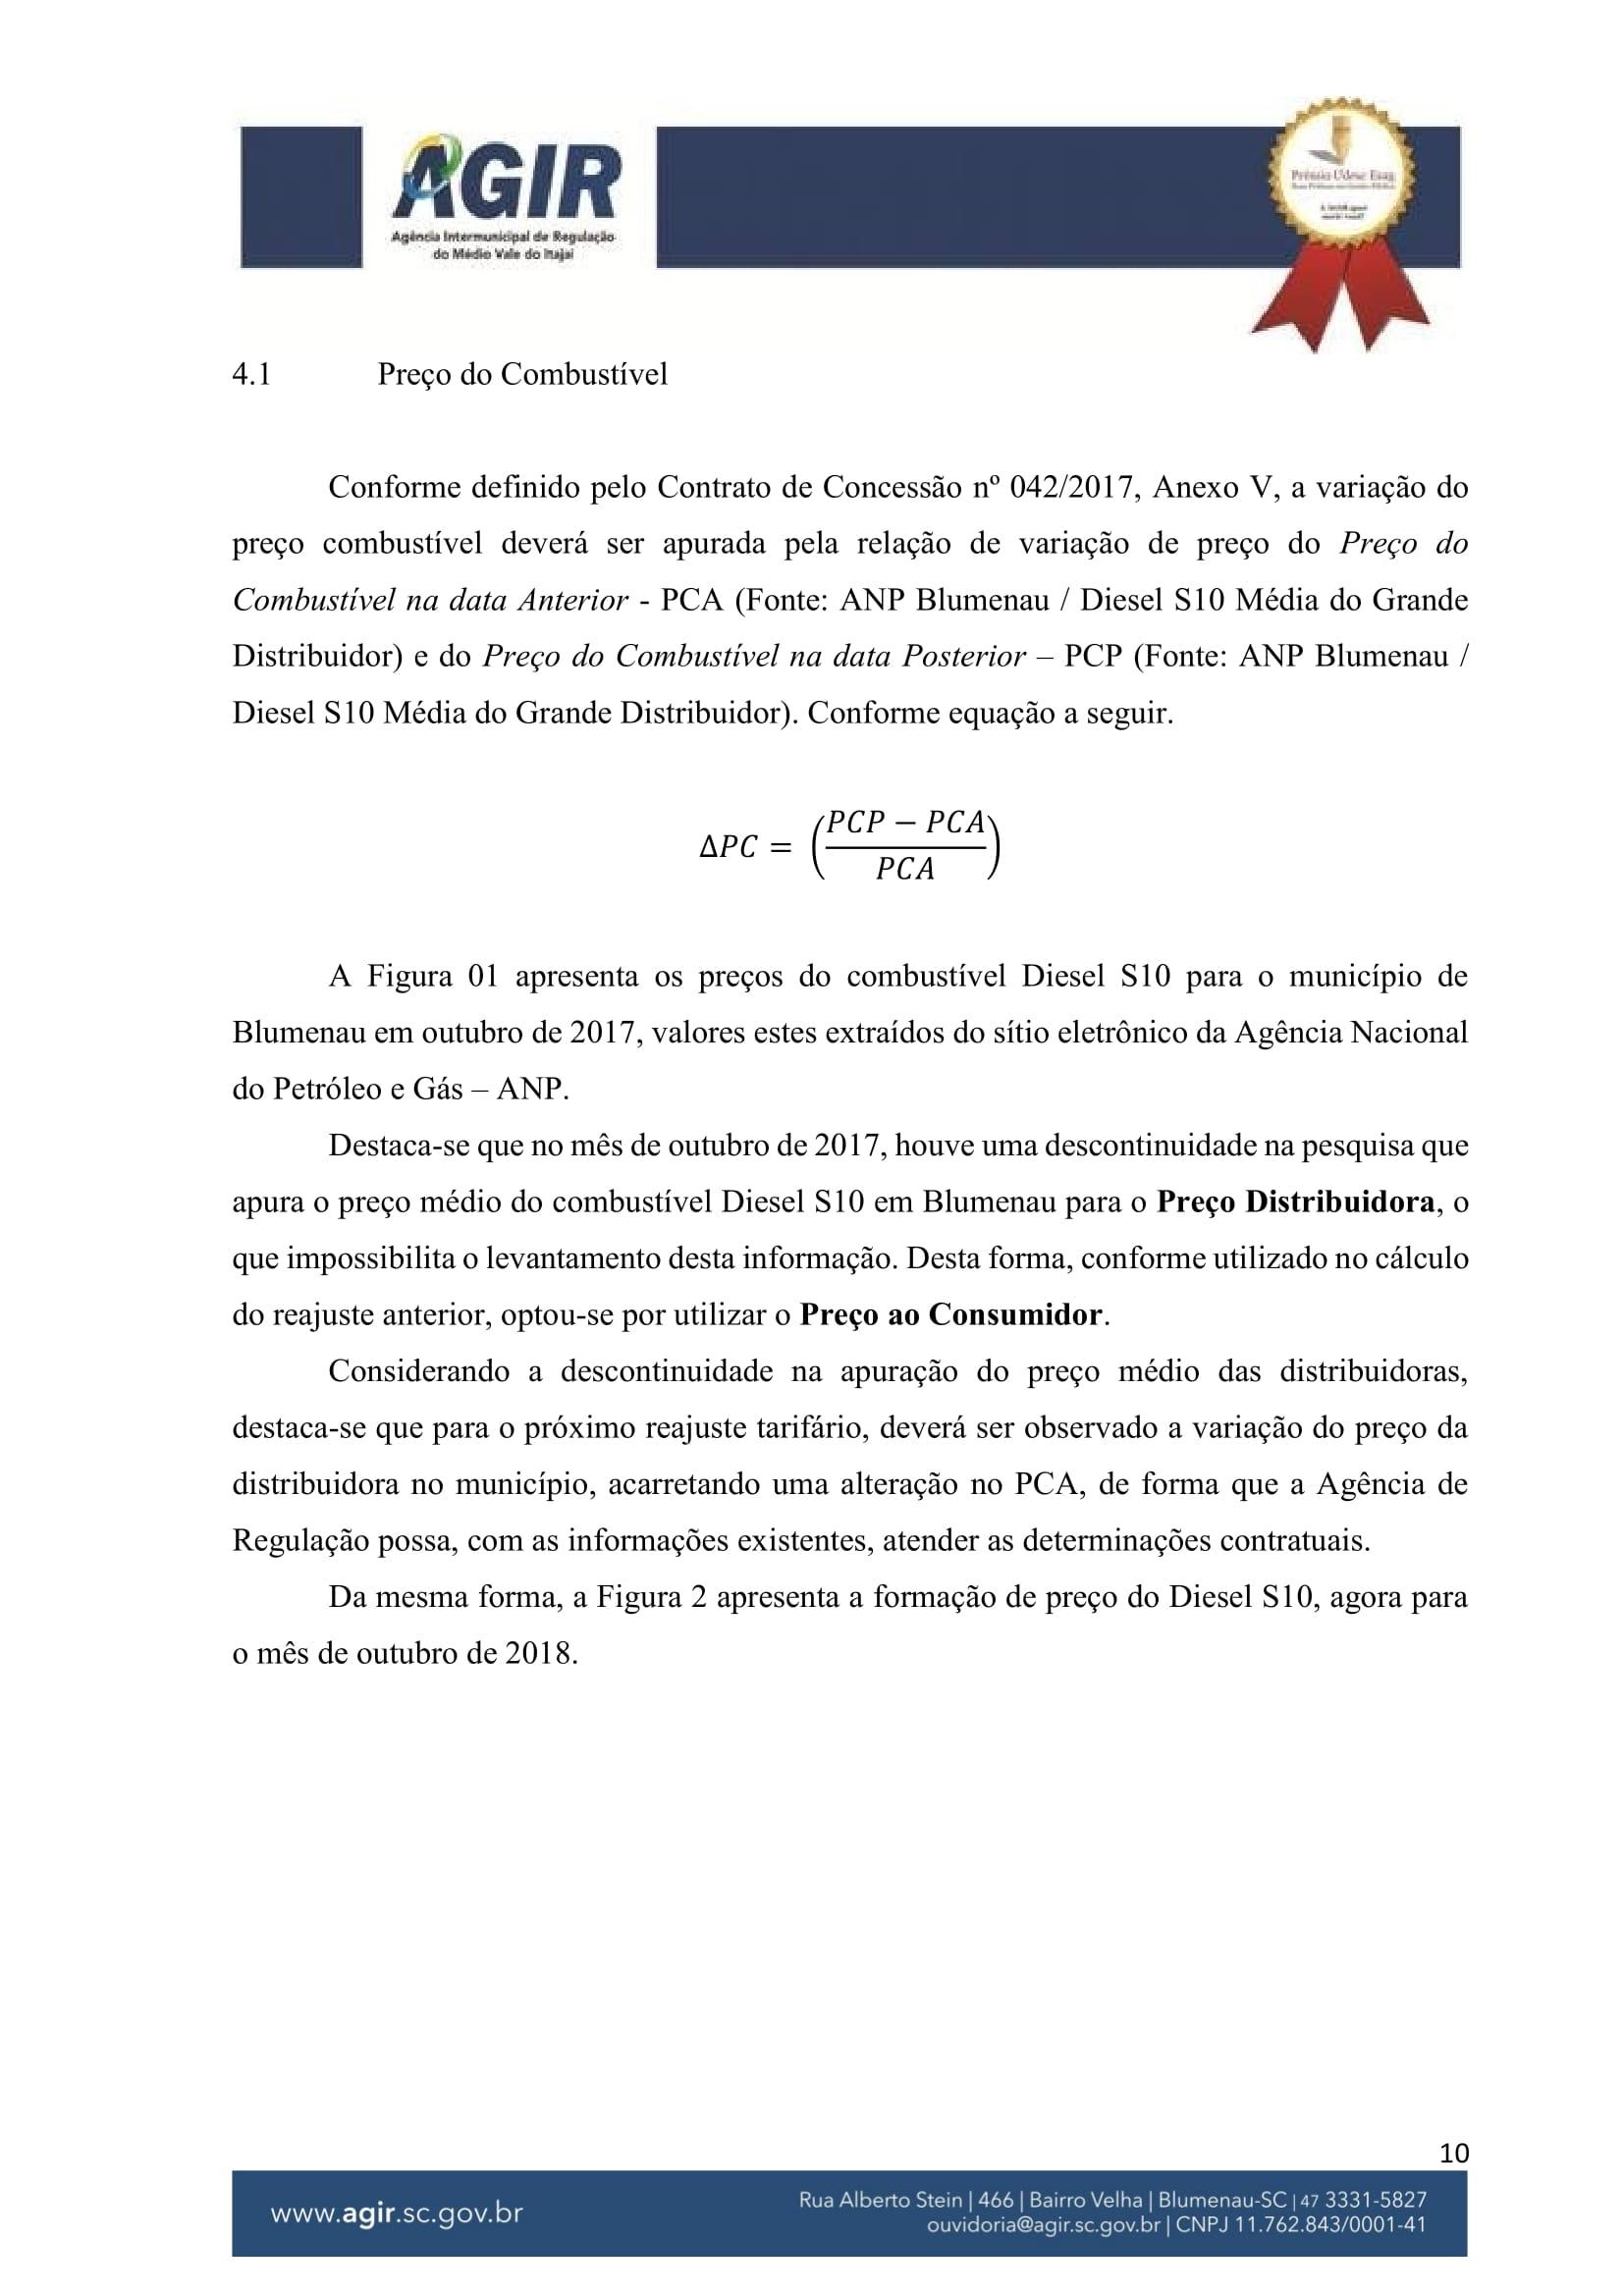 Parecer Administrativo nº 70-2018-10